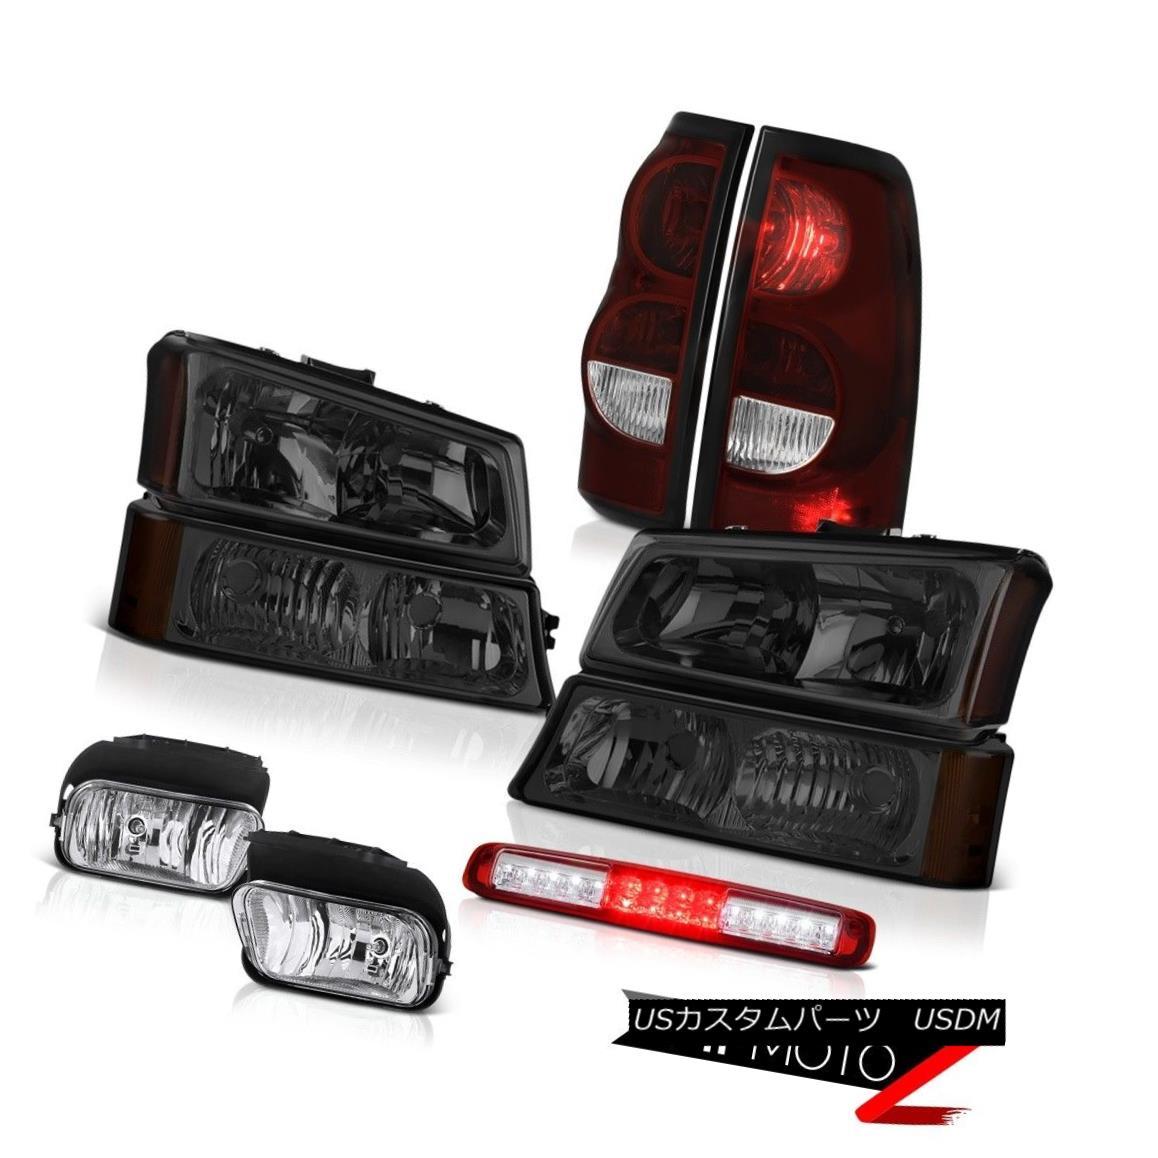 テールライト 03-06 Chevy Silverado Red 3RD Brake Light Fog Lights Smoke Taillamps Headlights 03-06 Chevy Silverado Red 3RDブレーキライトフォグライトスモークタイルランプヘッドライト